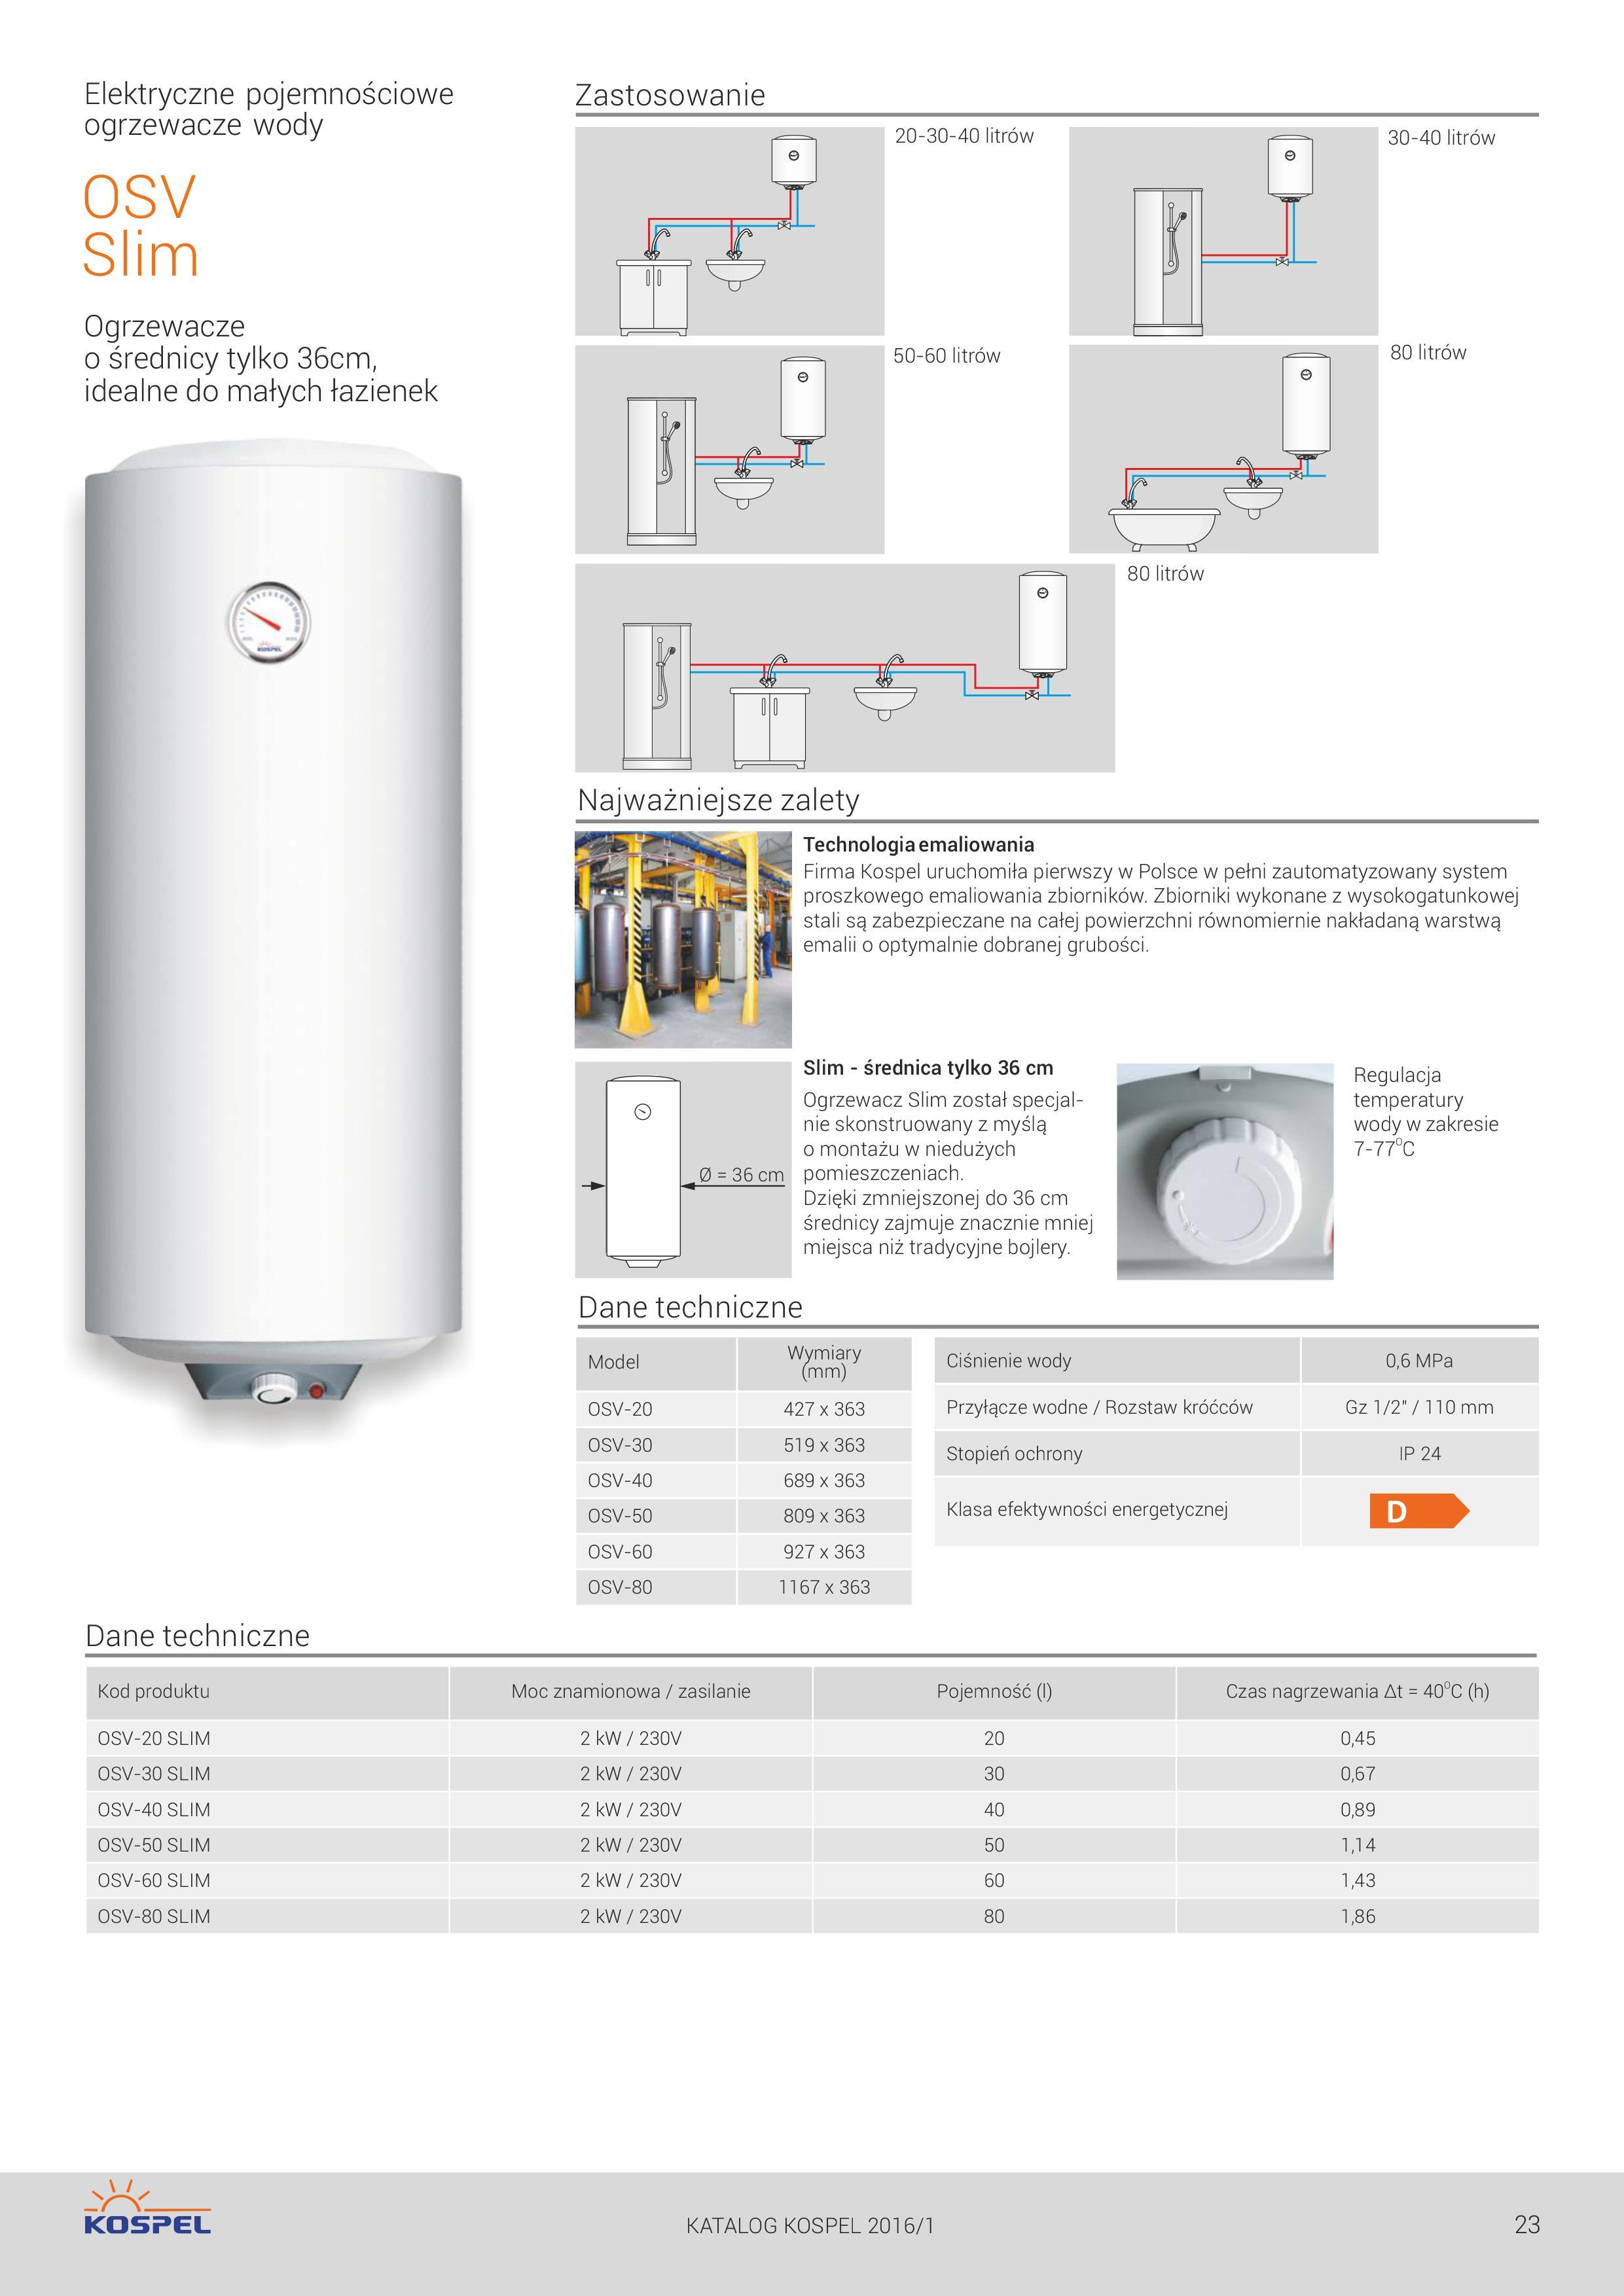 Elektryczny, pojemnościowy podgrzewacz wody KOSPEL SLIM 40 l